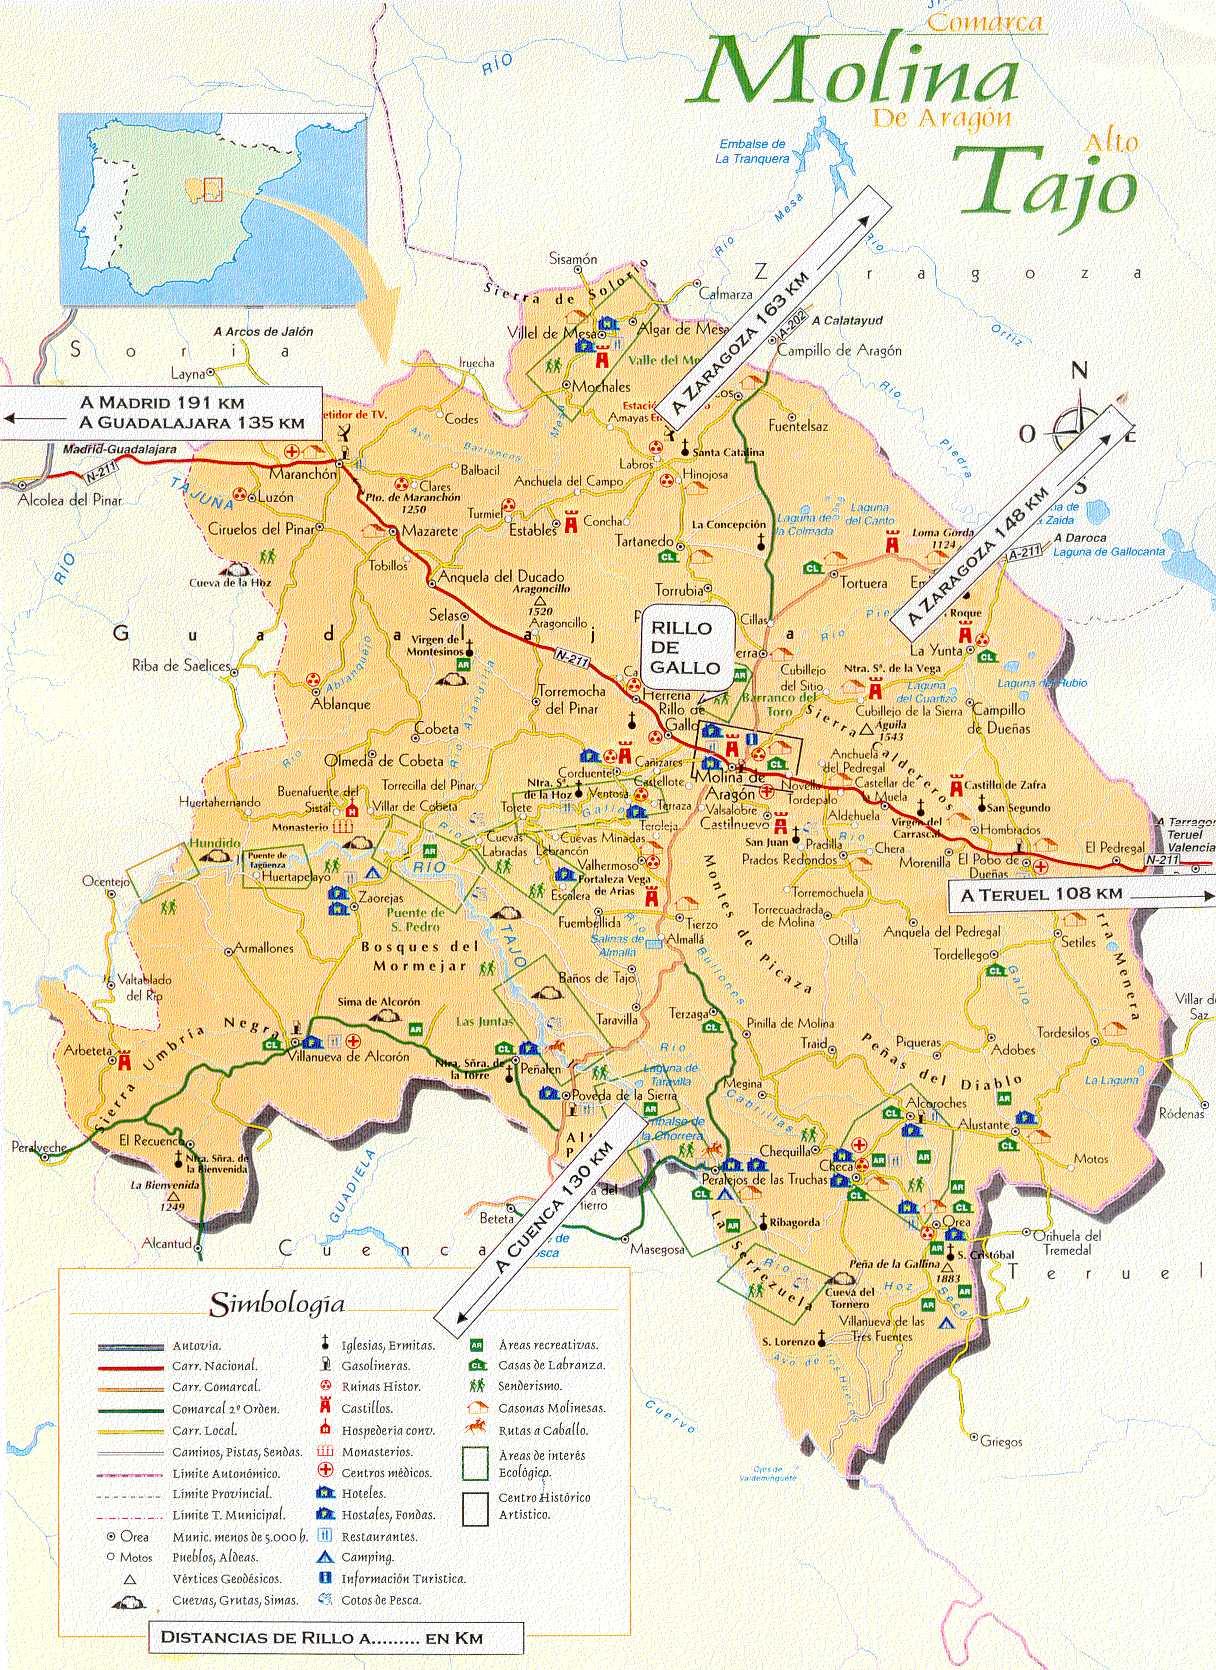 Molina De Aragon Mapa.Rillo De Gallo Como Llegar